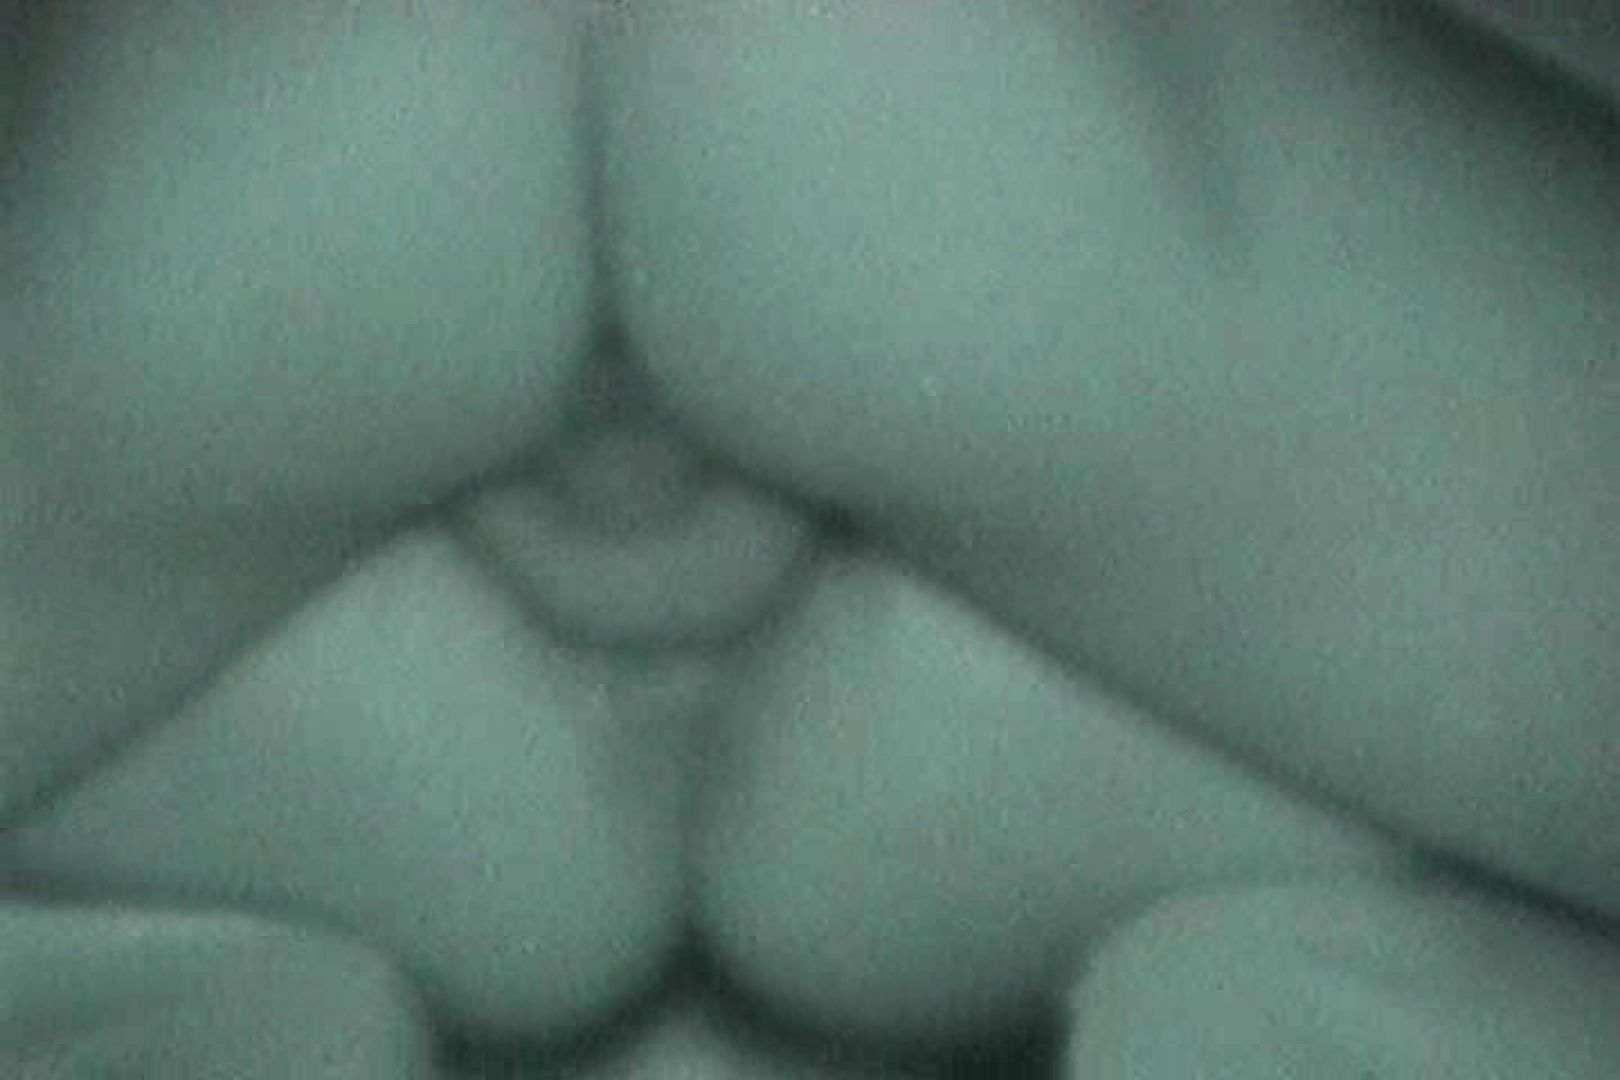 充血監督の深夜の運動会Vol.103 濃厚セックス オメコ無修正動画無料 72PICs 22